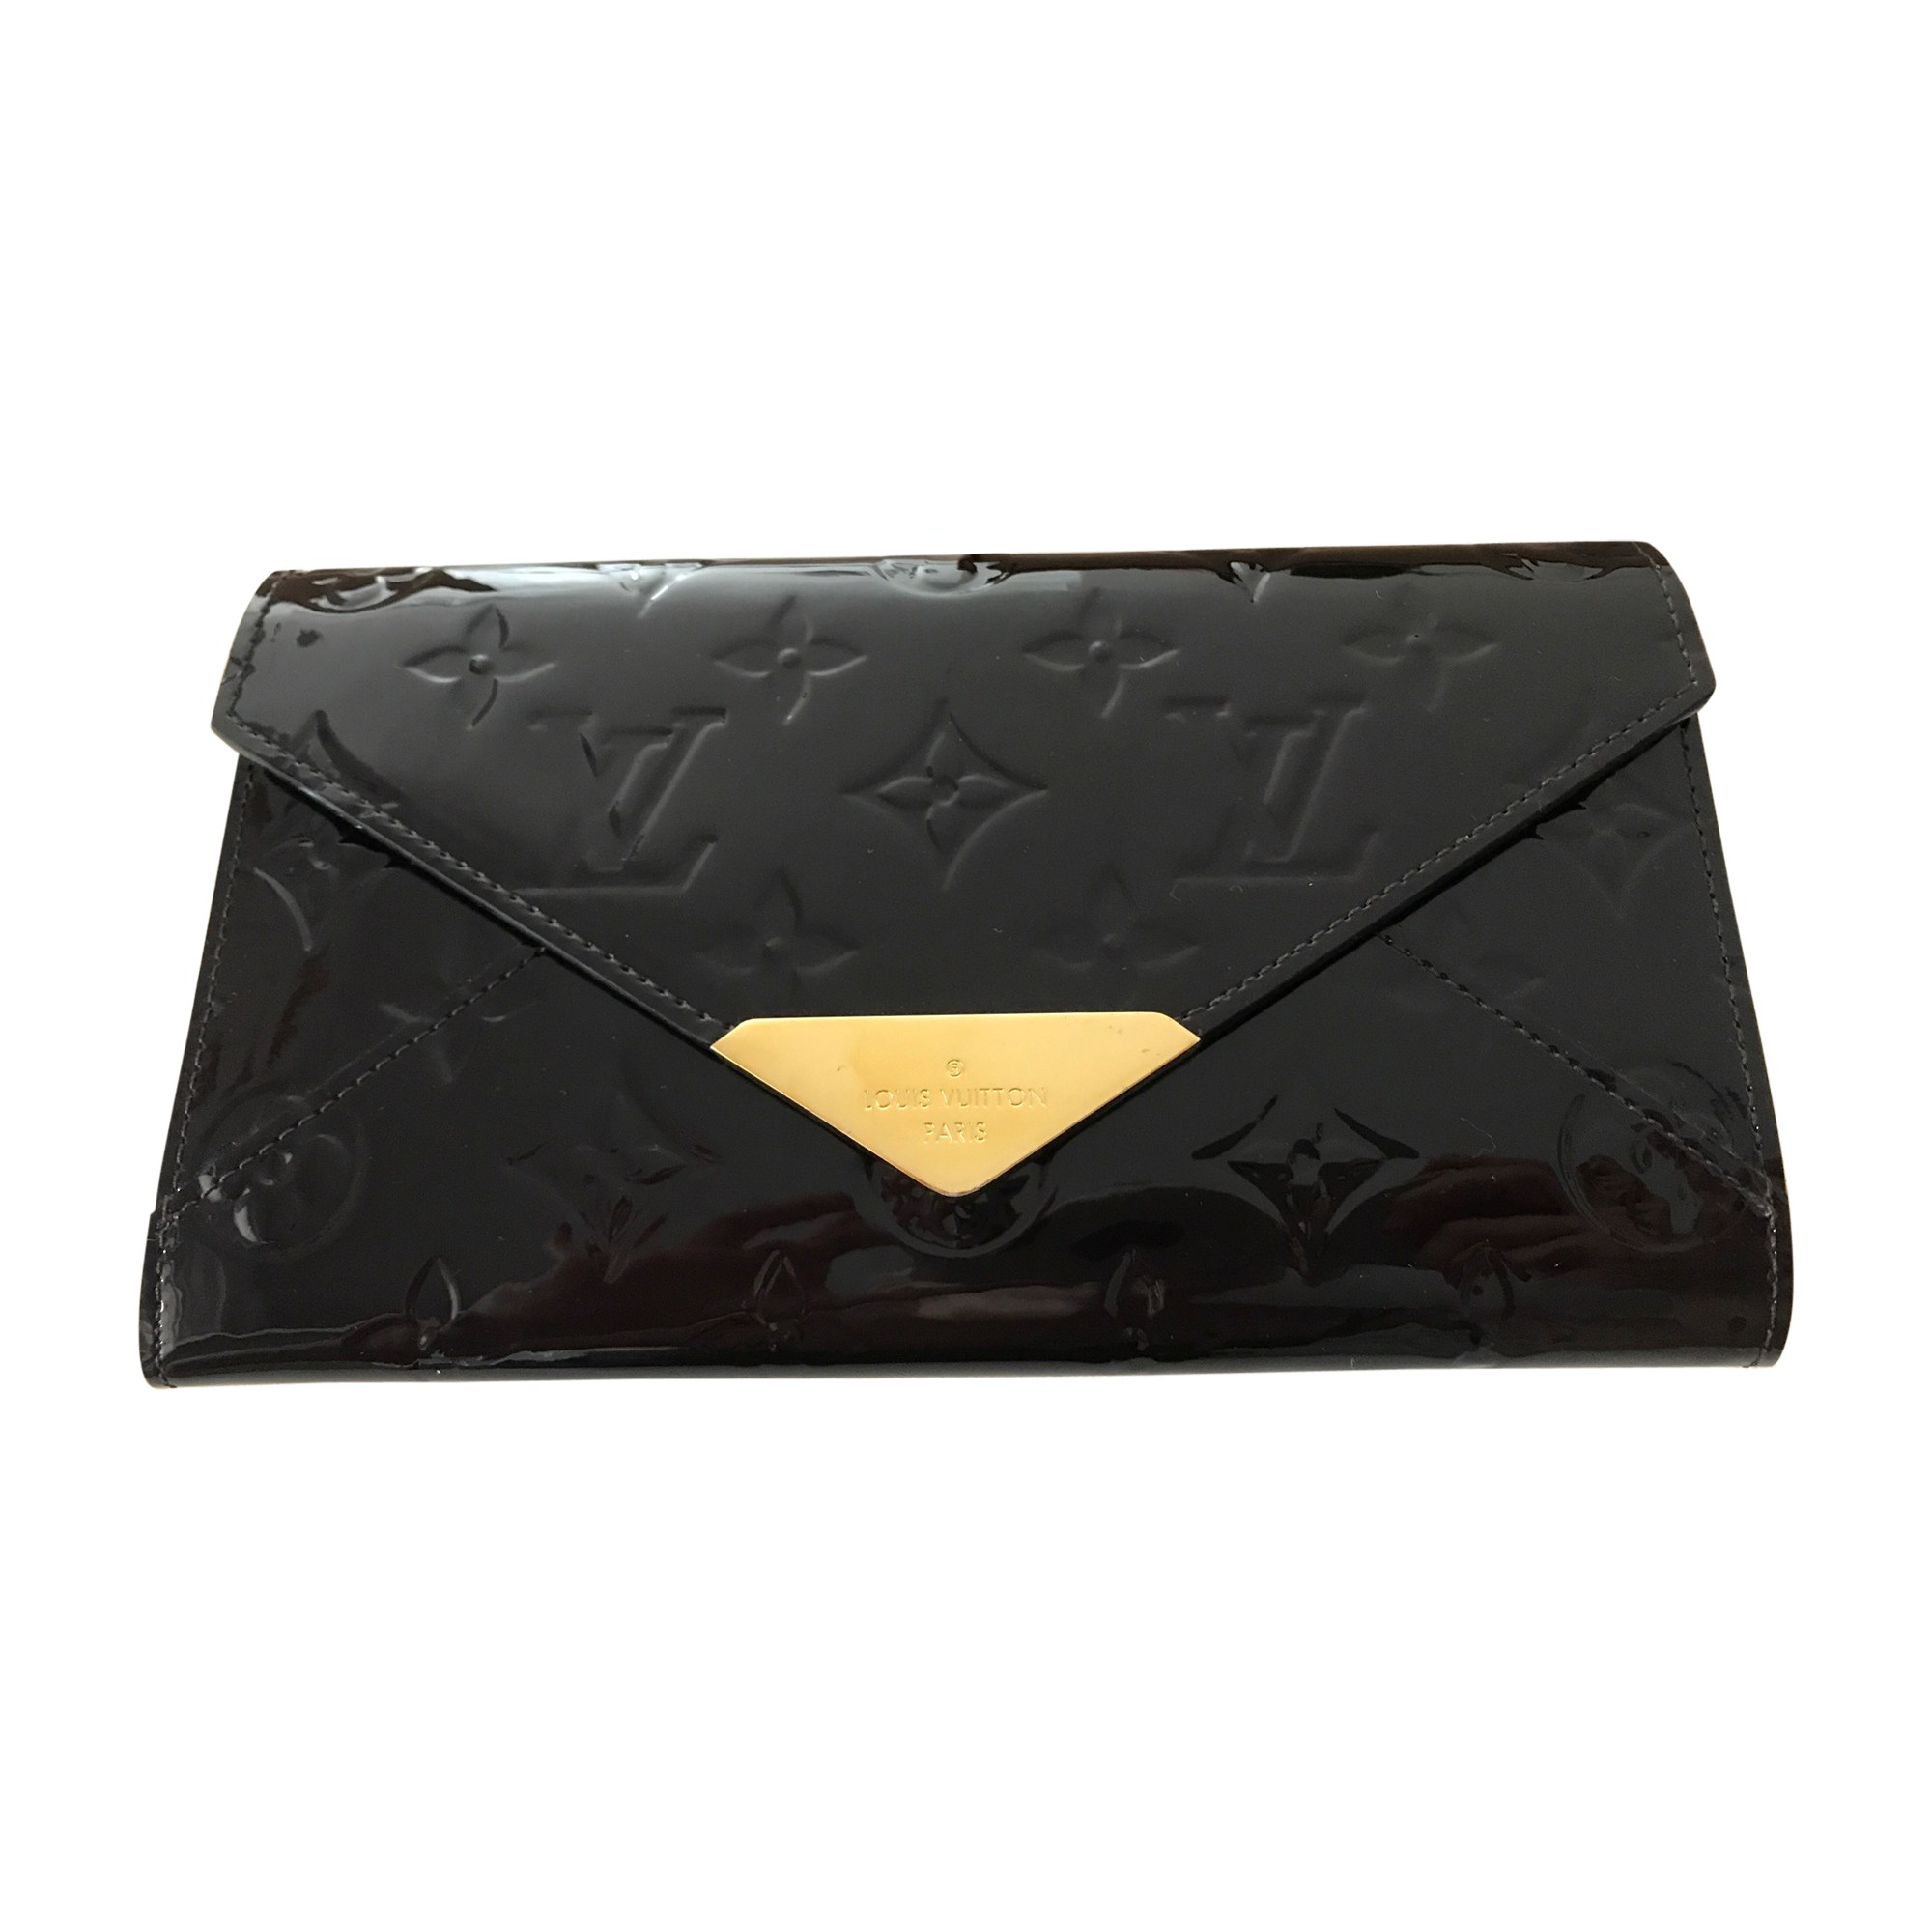 Portefeuille LOUIS VUITTON rouge vendu par Tatiana 4120442 - 6578273 456a4deb630